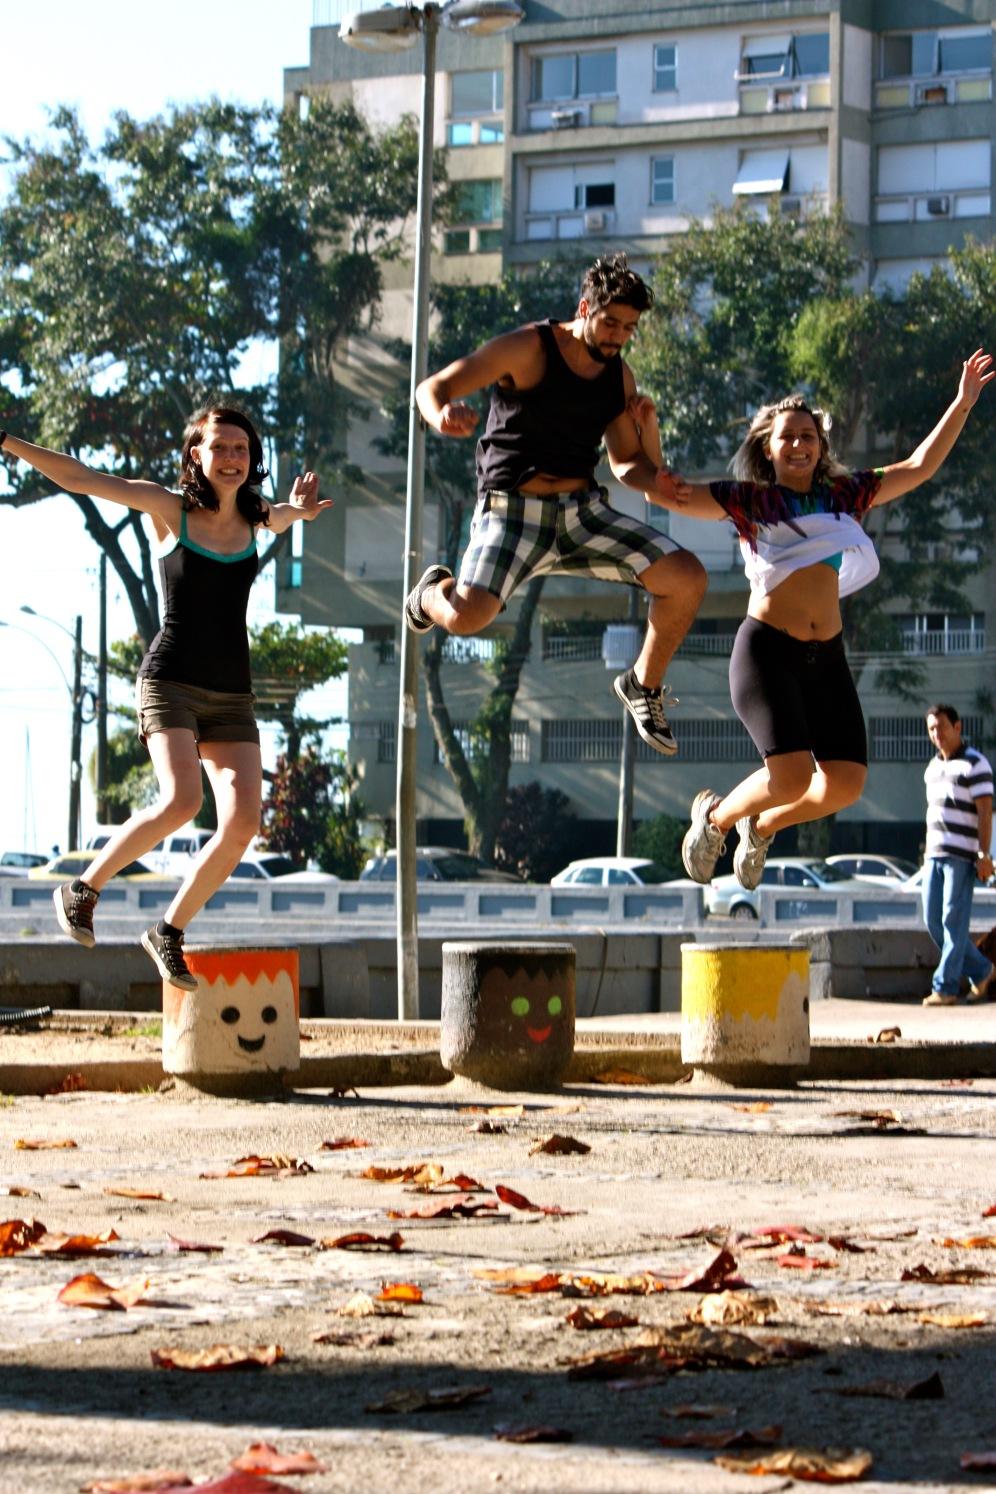 Nach unserem Aufstieg zum Zuckerhut in Rio de Janeiro